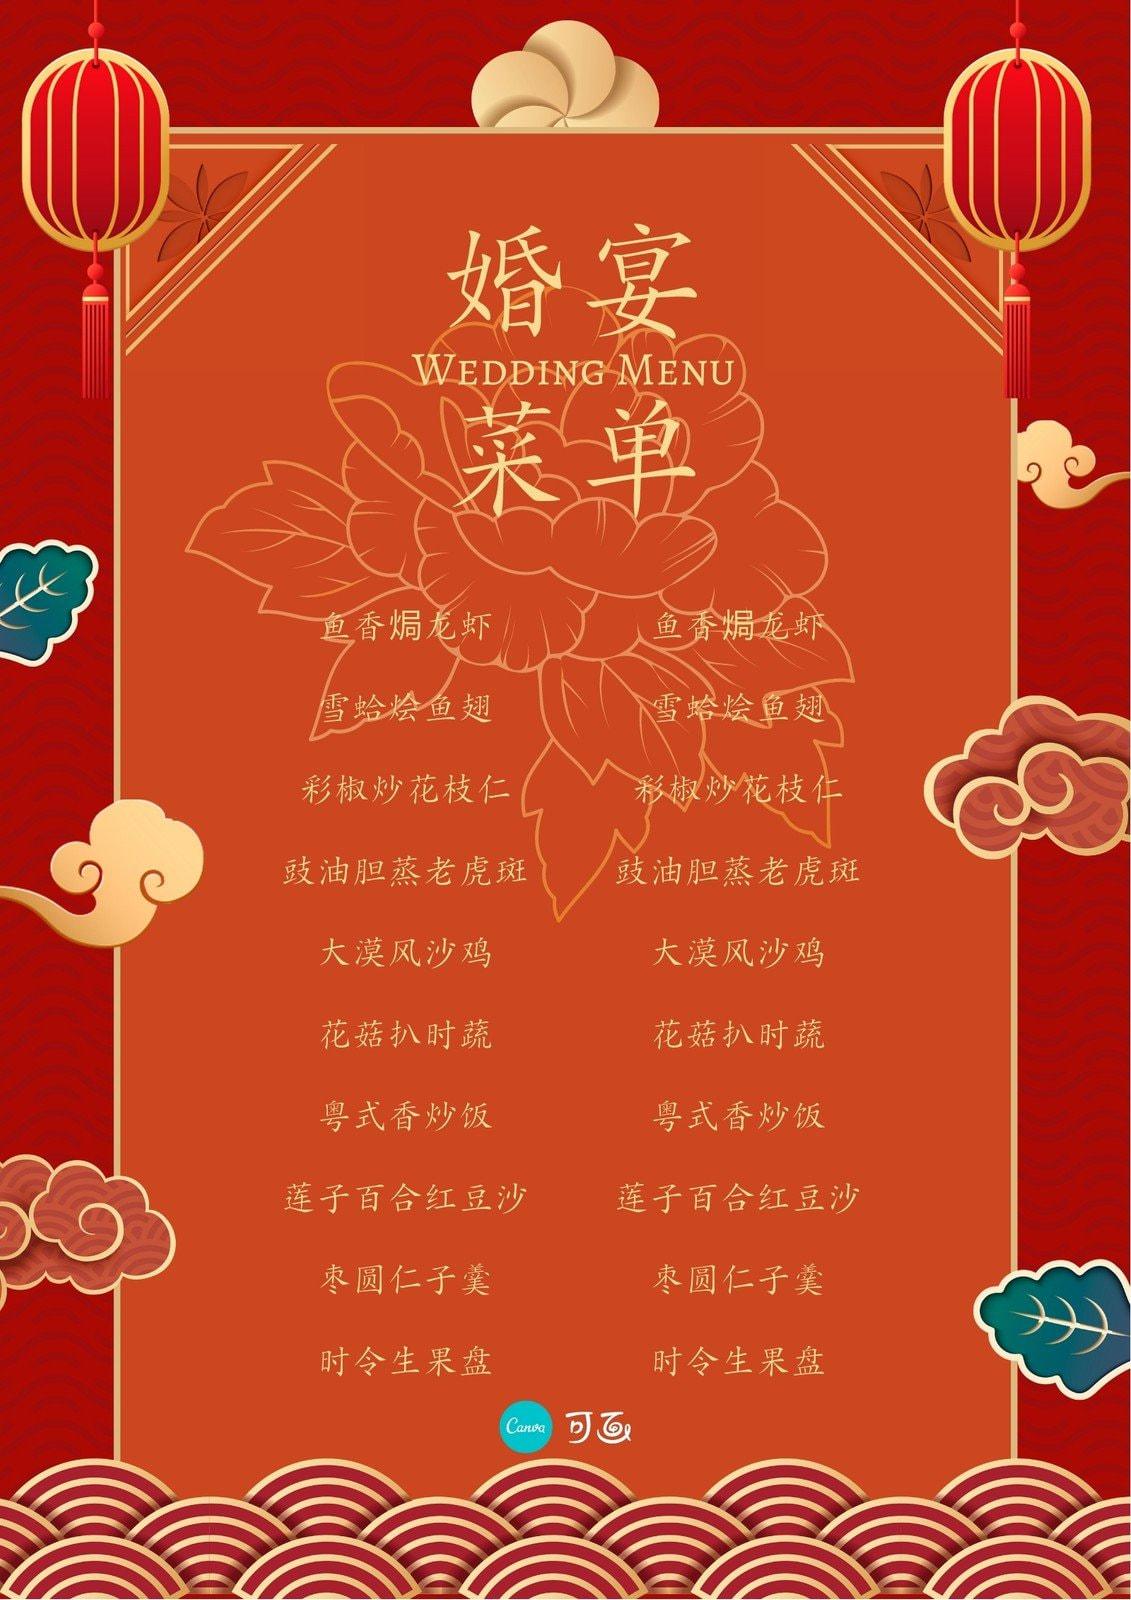 红色灯笼喜庆婚礼宴会菜单